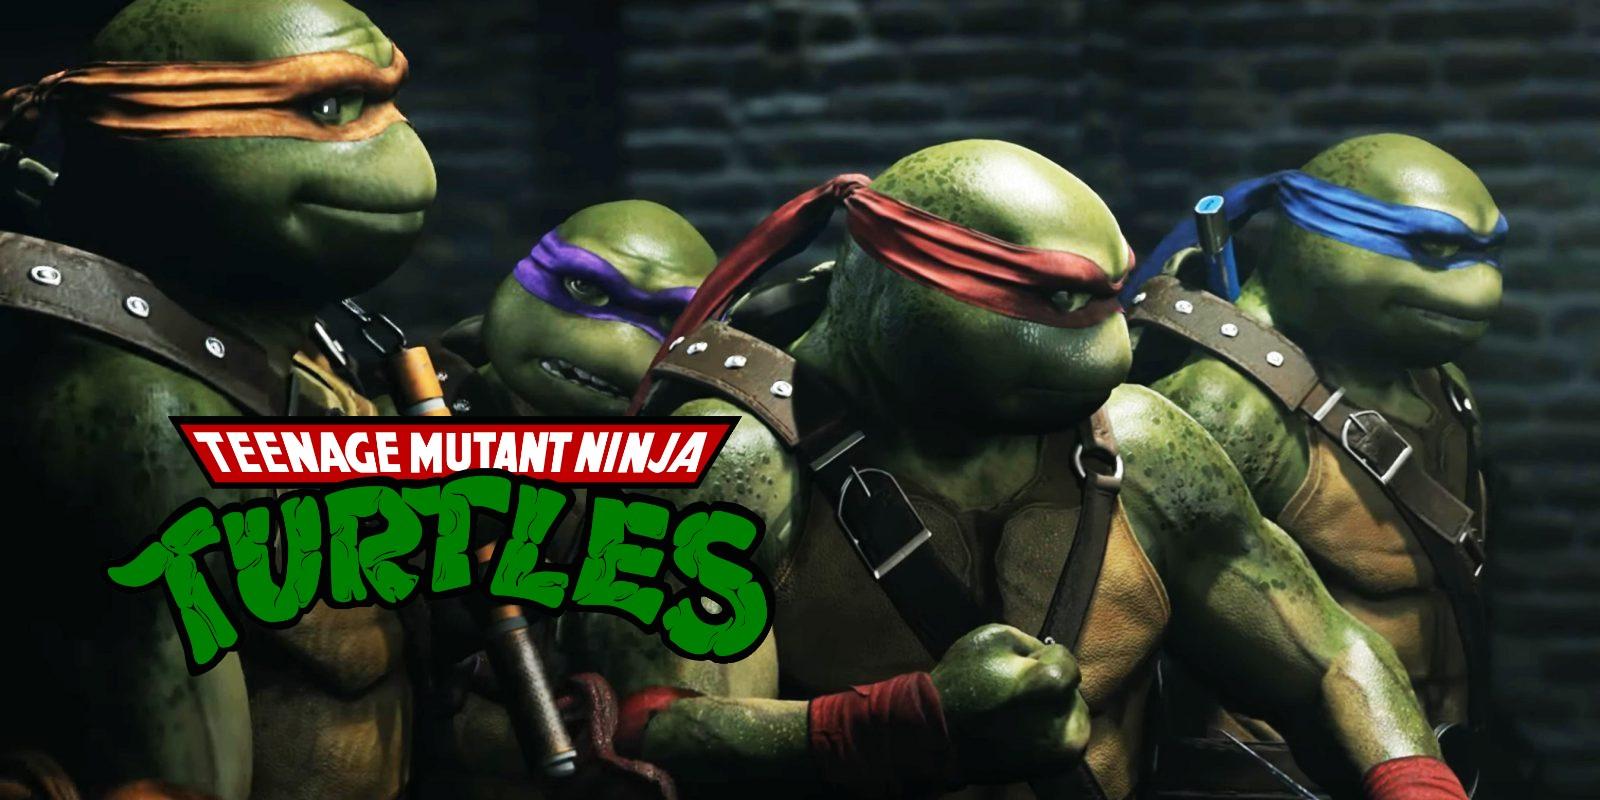 Teenage Mutant Ninja Turtles Lights